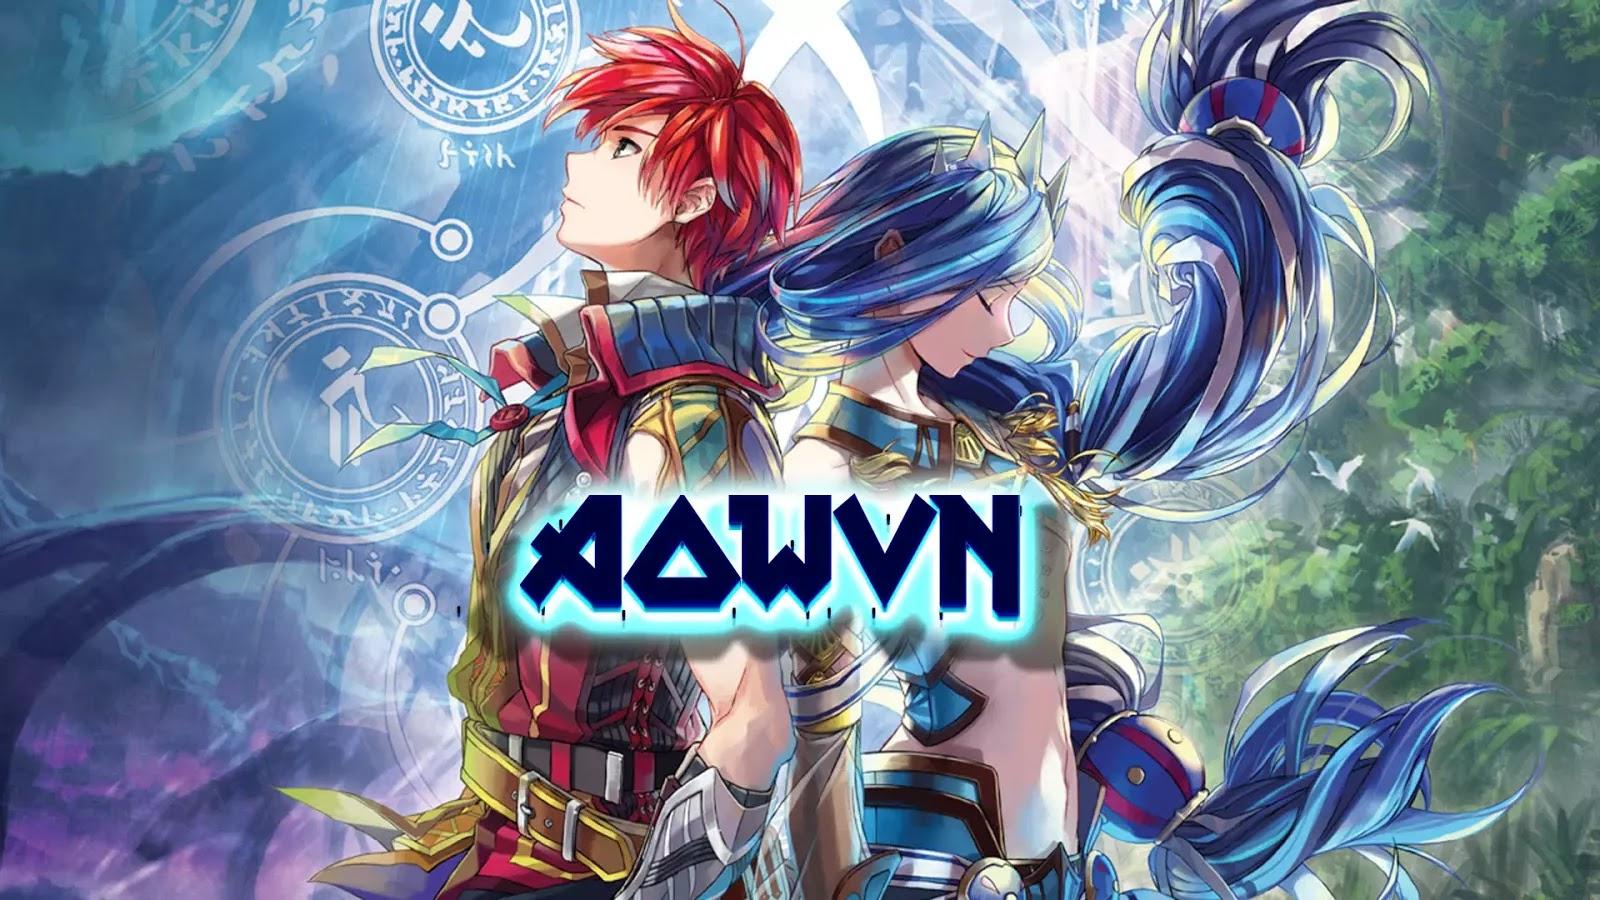 game Ys VIII Lacrimosa aowvn - [ Cập Nhật Phần 8 ] Trọn bộ Series game YS trên PC | English - Tuyệt phẩm RPG cực hay